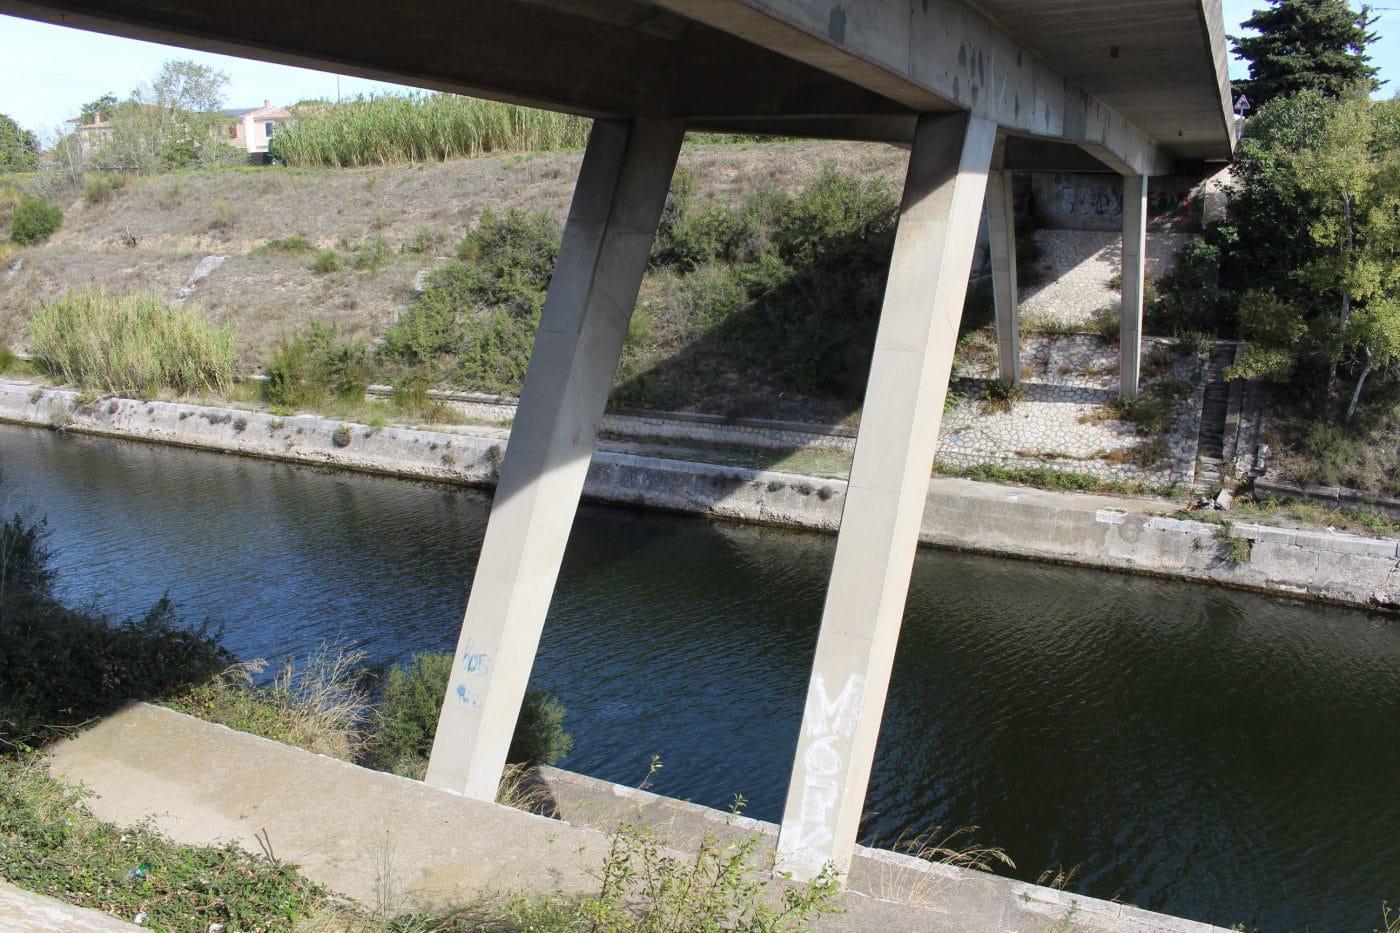 Glissements de terrain sur les talus du canal du Rove à Marignane